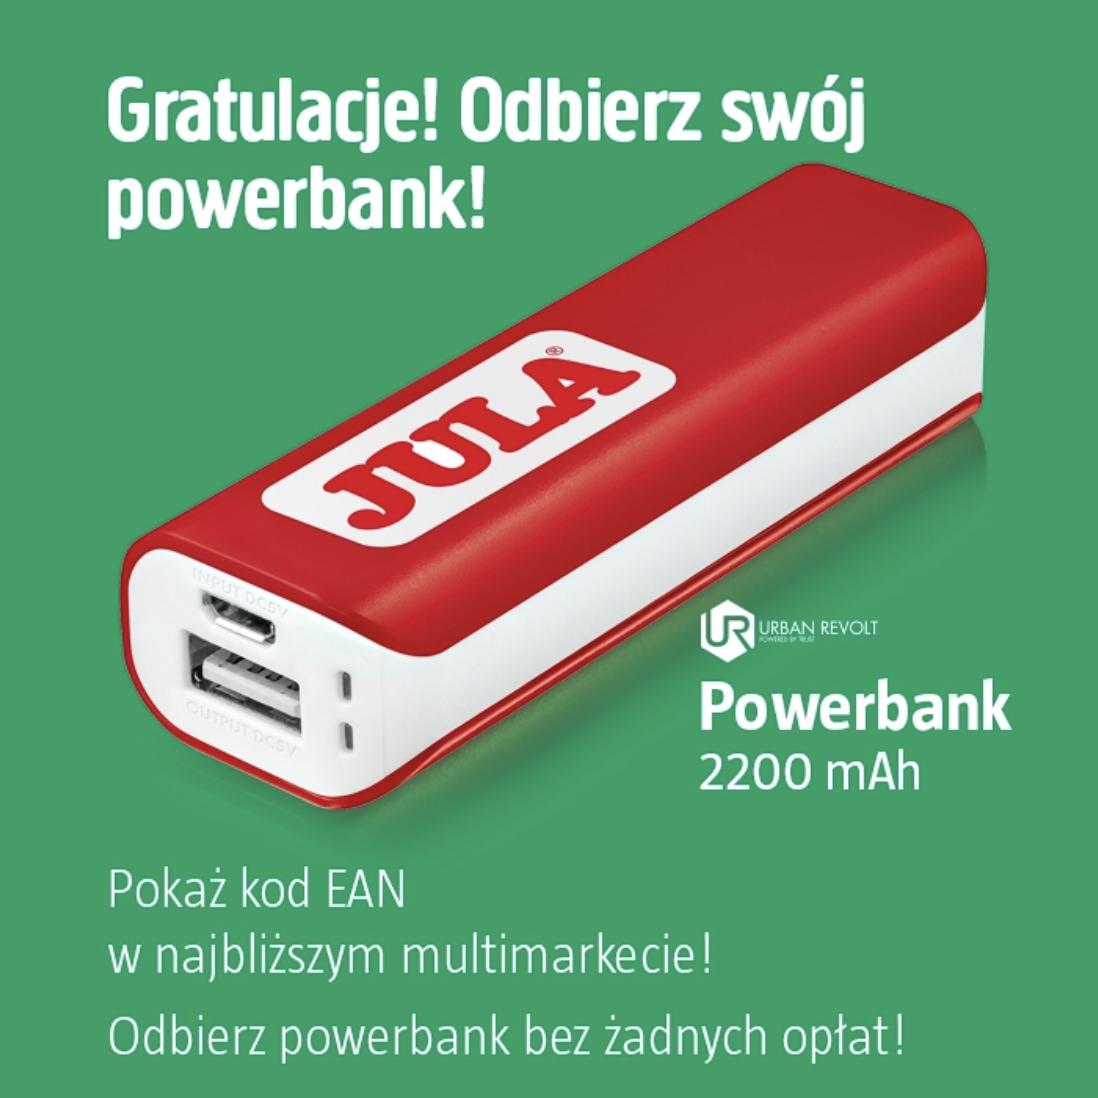 Powerbank 2200 mAh za darmo (z aplikacją mobilną) @ Jula